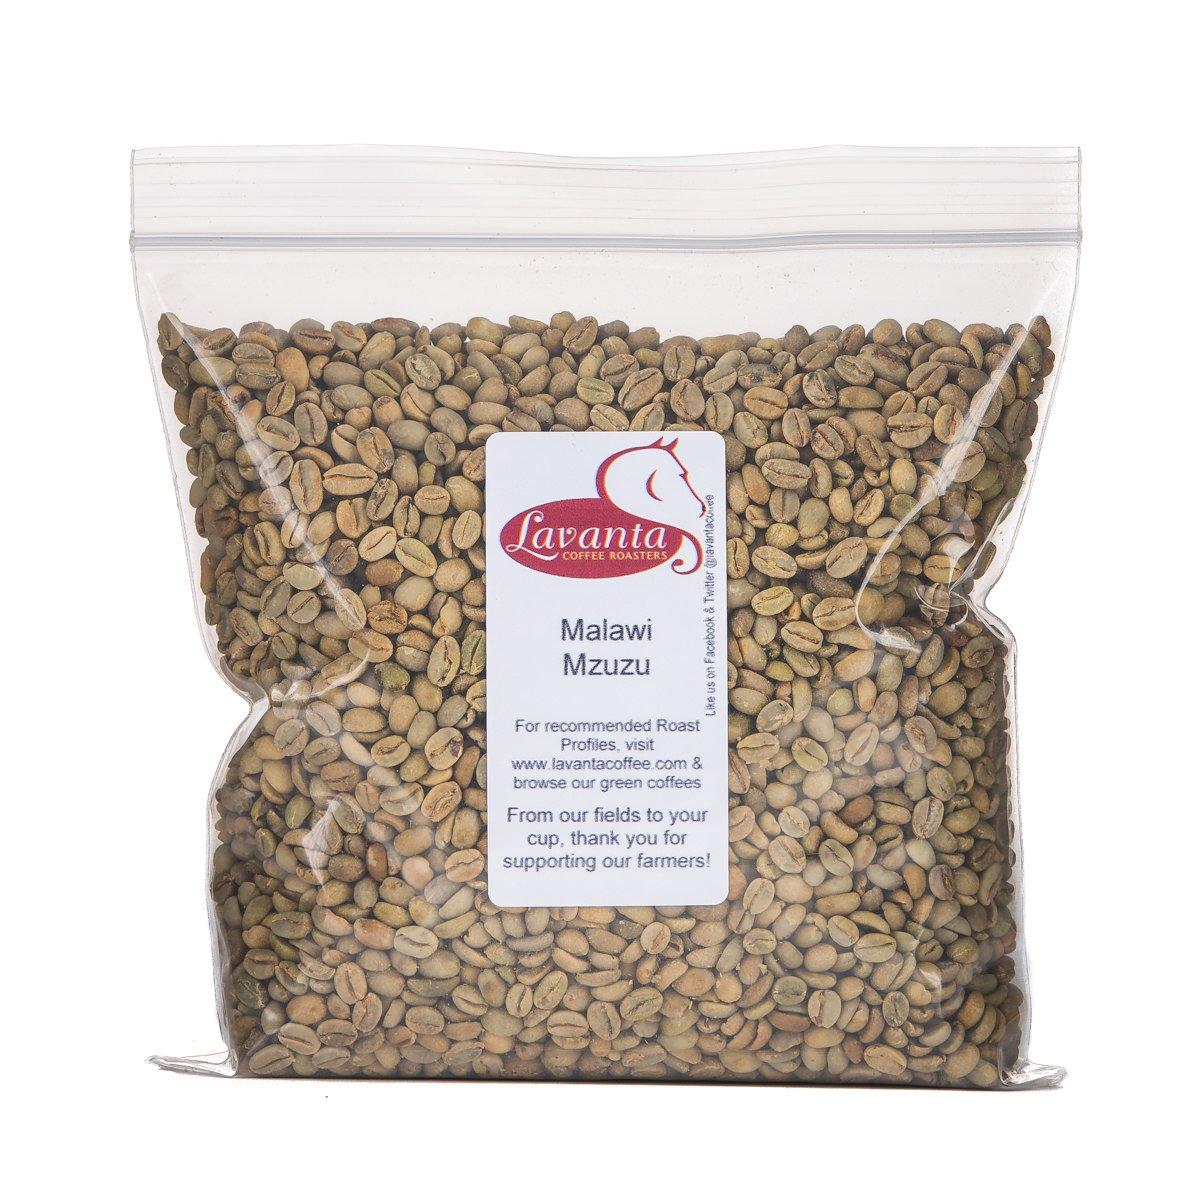 Lavanta Coffee Roasters Malawi Mzuzu Green Direct Trade Coffee, 2lb